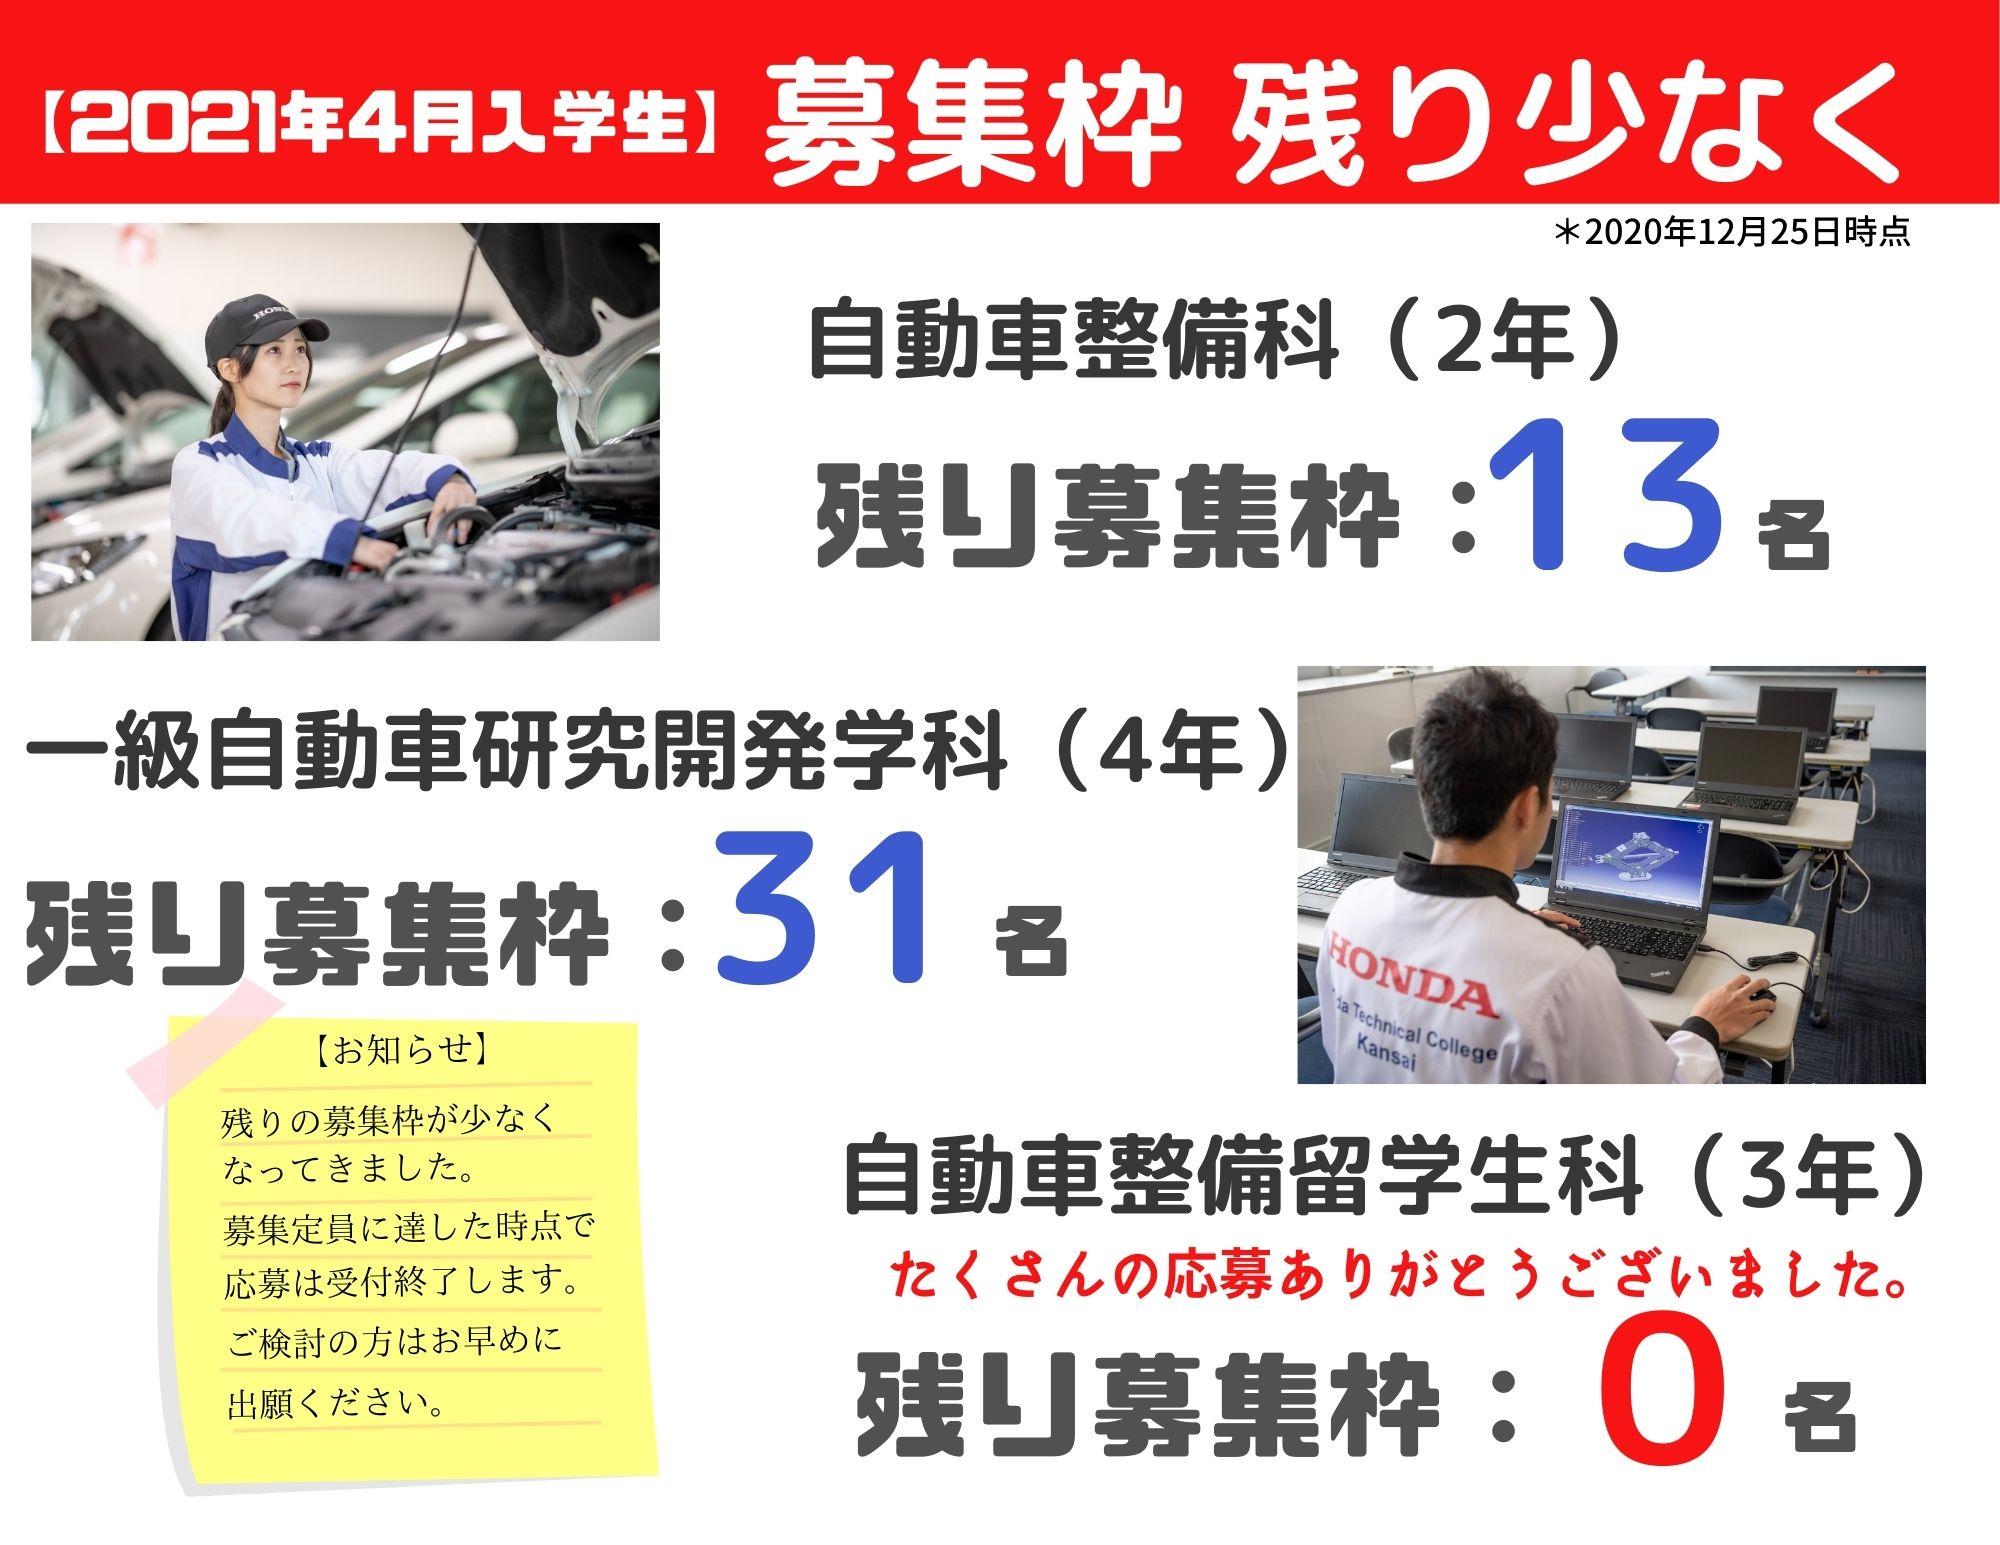 【重要】募集枠残り少なく(2021年4月入学生)